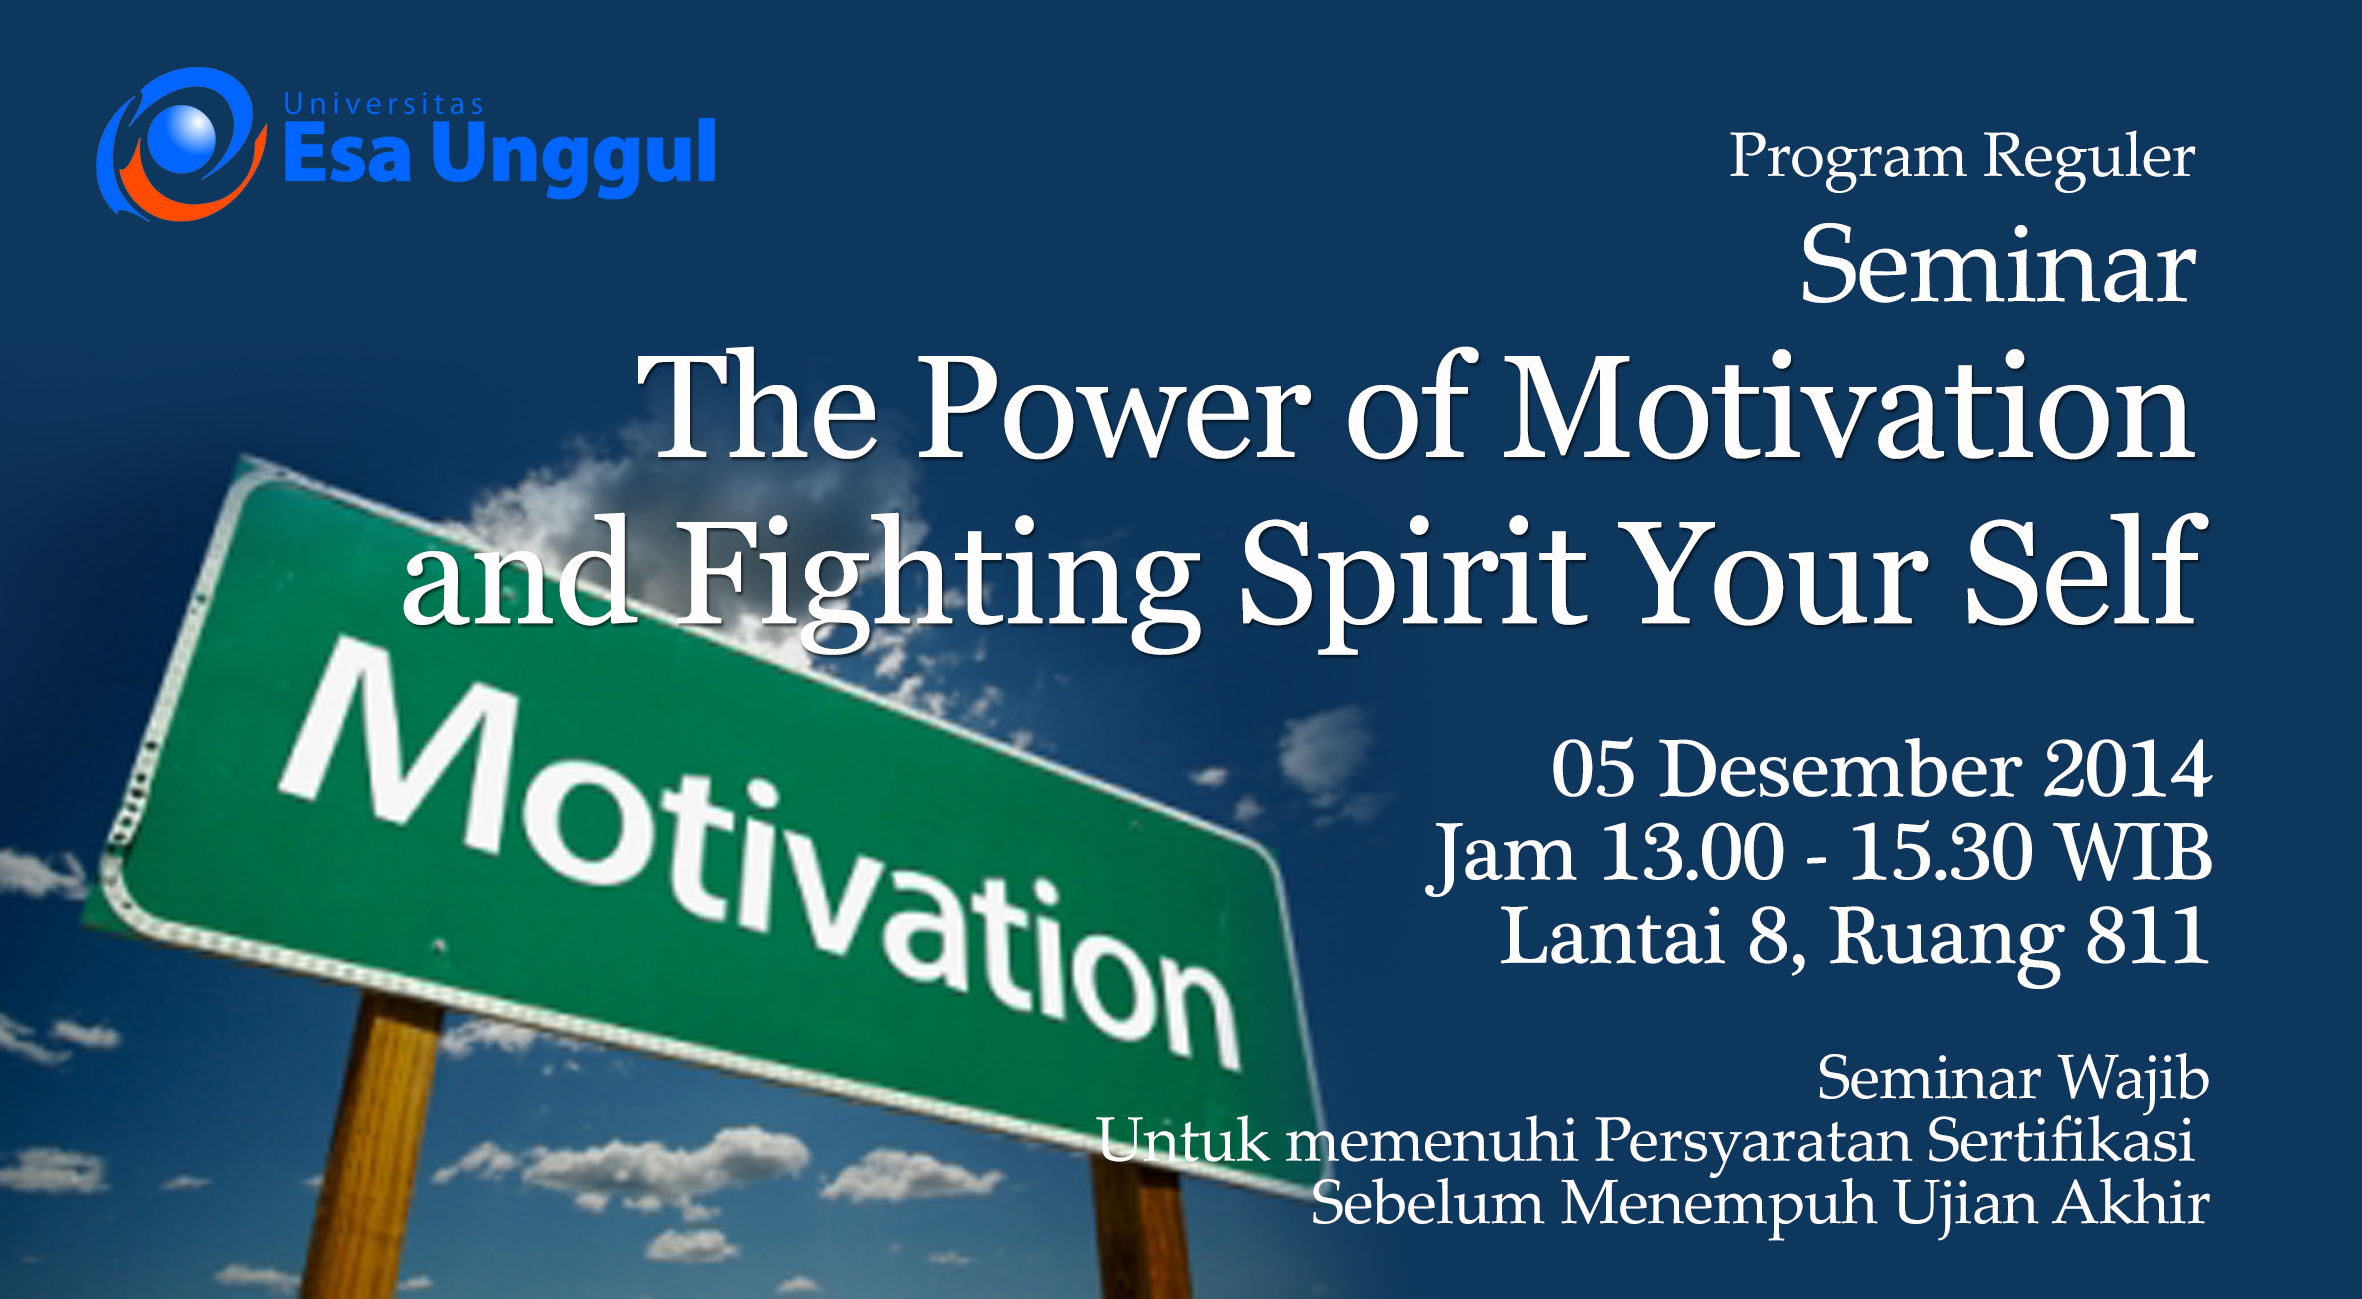 """Universitas Esa Unggul menyelenggarakan Seminar """" The Power of Motivation and Fighting Spirit Your Self"""" untuk Program Reguler pada 05 Desember 2014"""